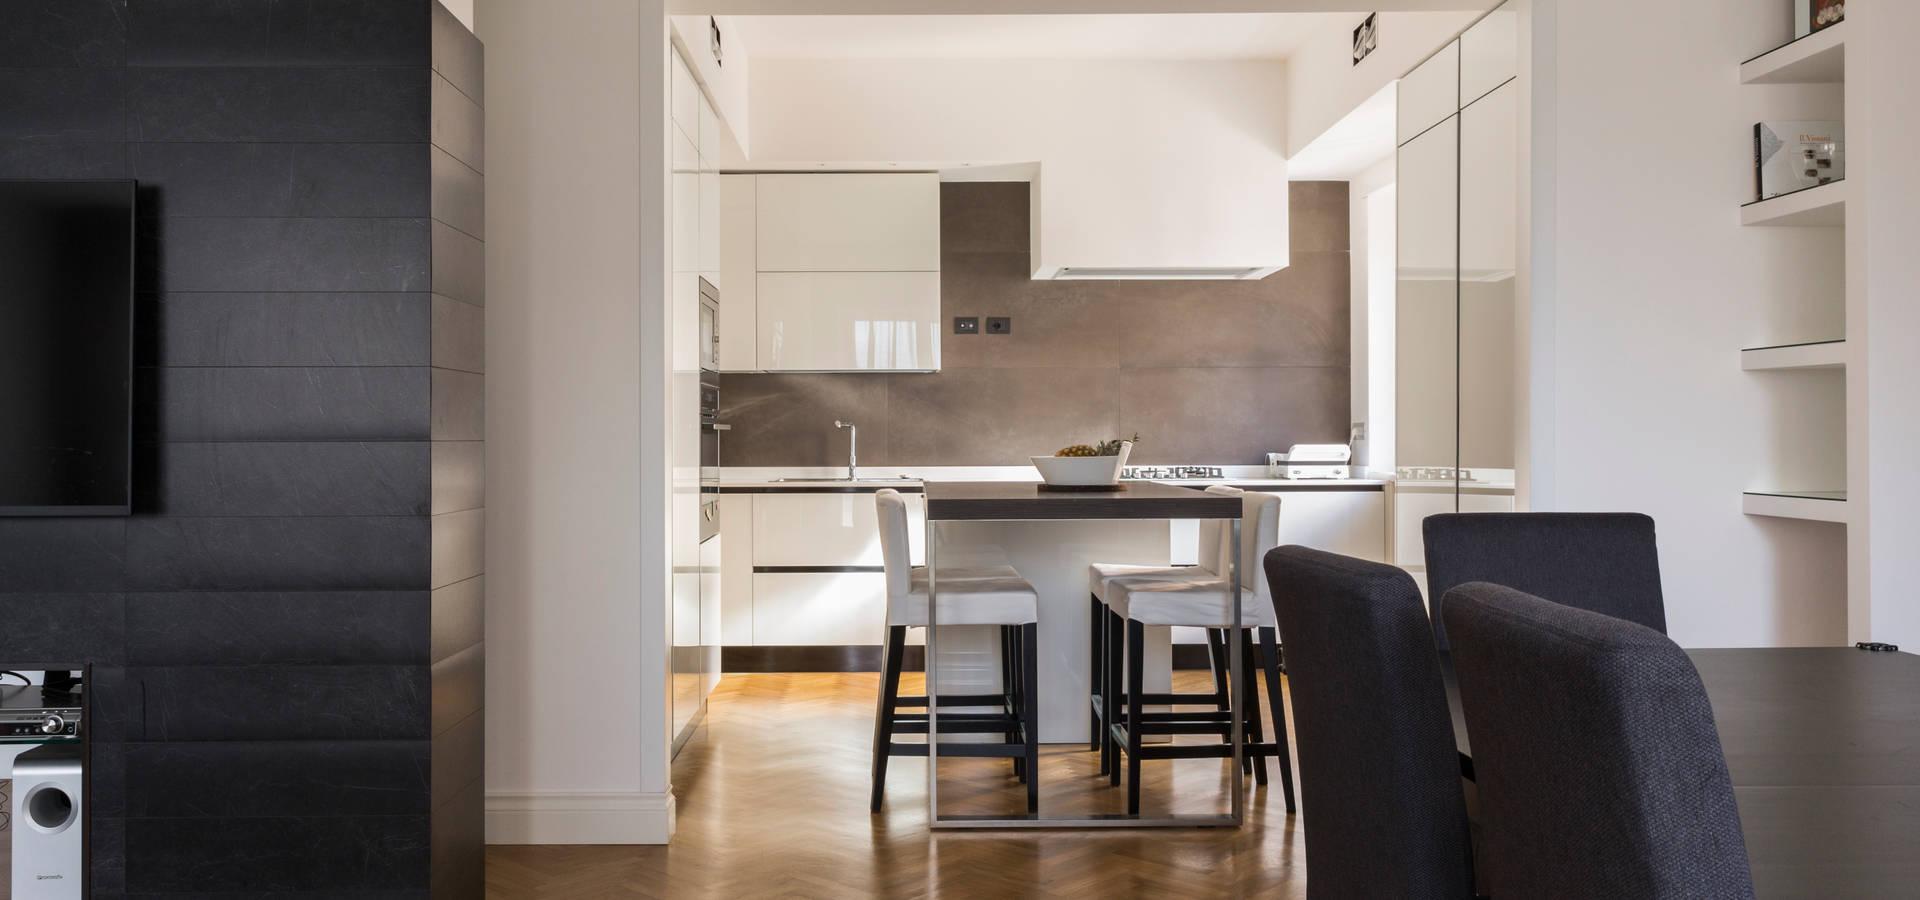 a2 Studio  Borgia—Romagnolo architetti